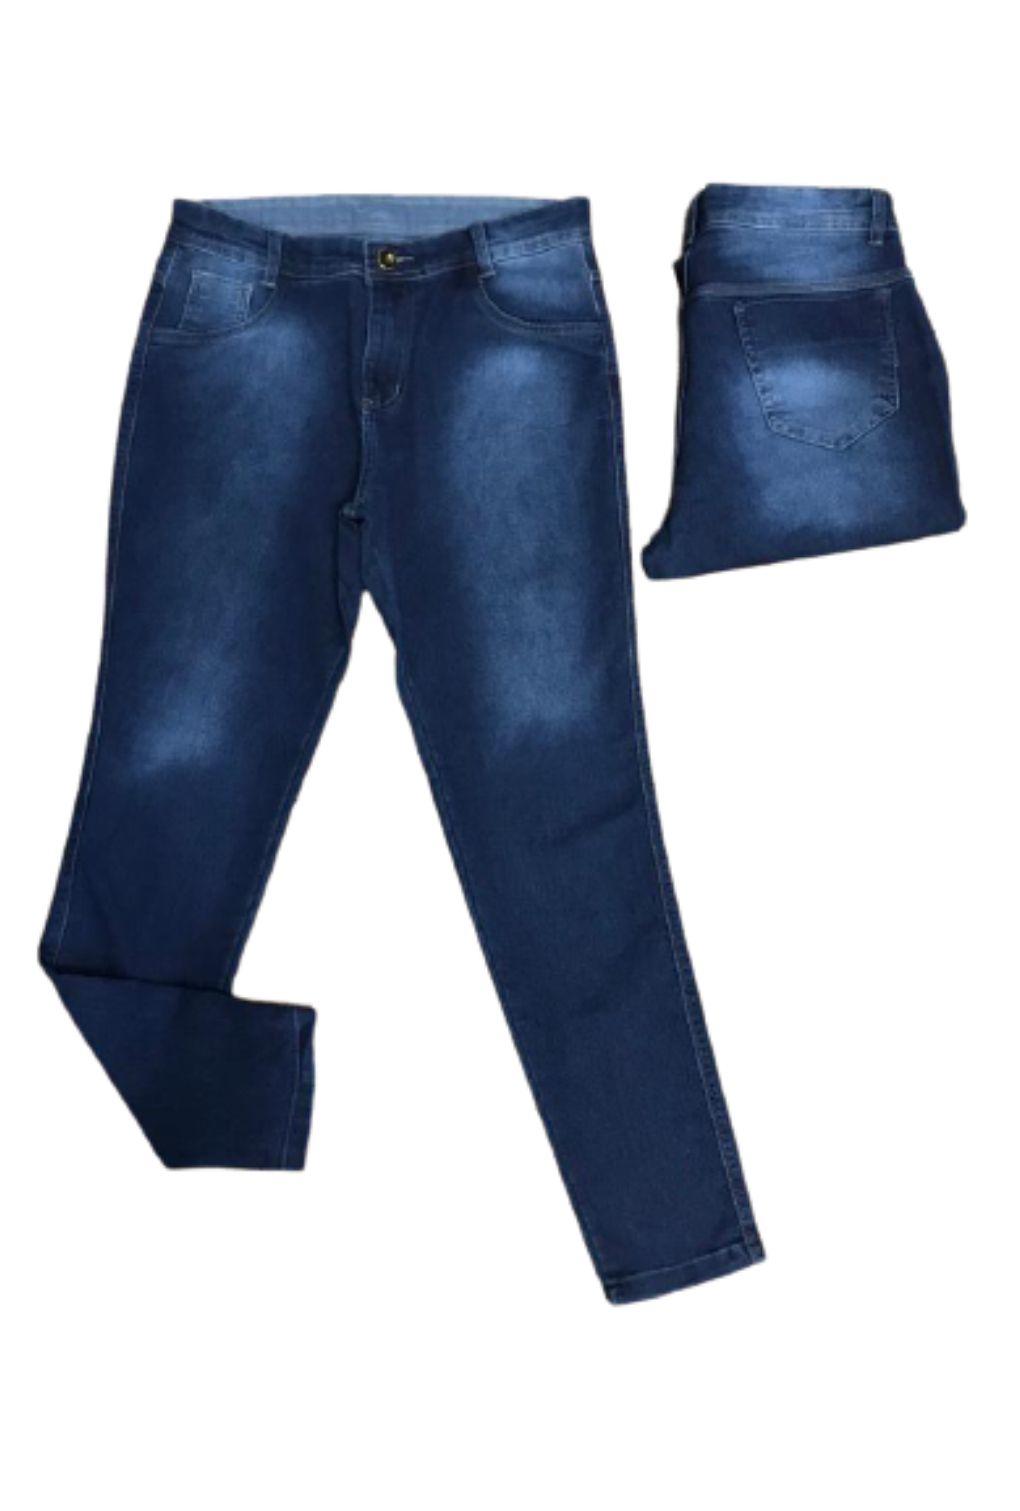 Calca Jeans Cintura Alta Plus Size Strech Feminina  - ModaStore